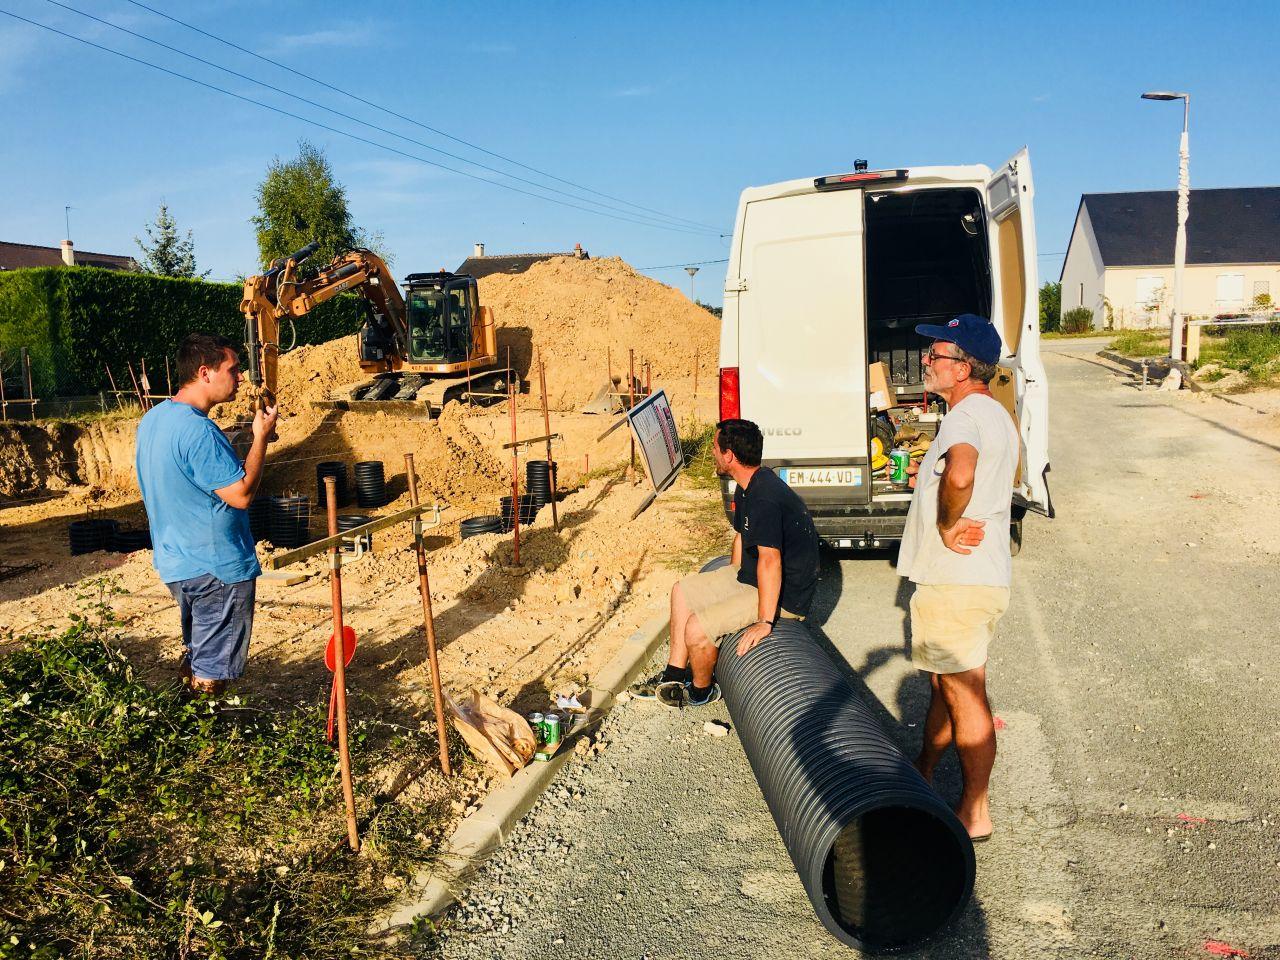 France Bois Modulaire en action pour la pause  du 2ème jour de terrassement.